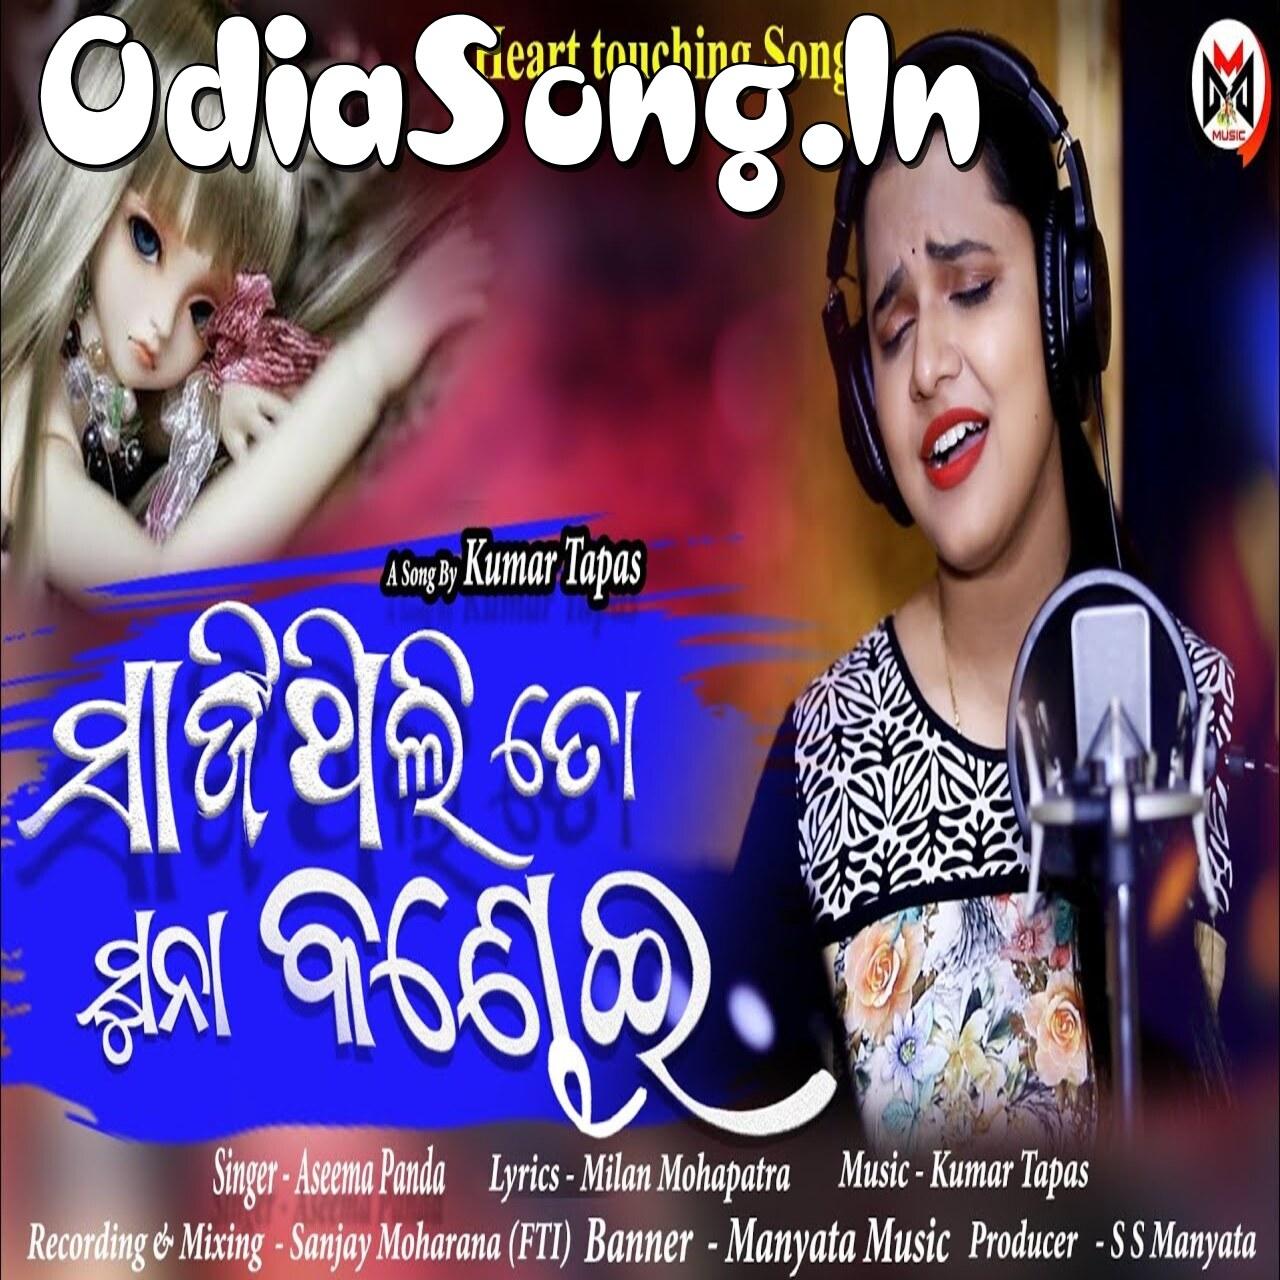 Saji Thili To Suna Kandhei (Asima Panda)